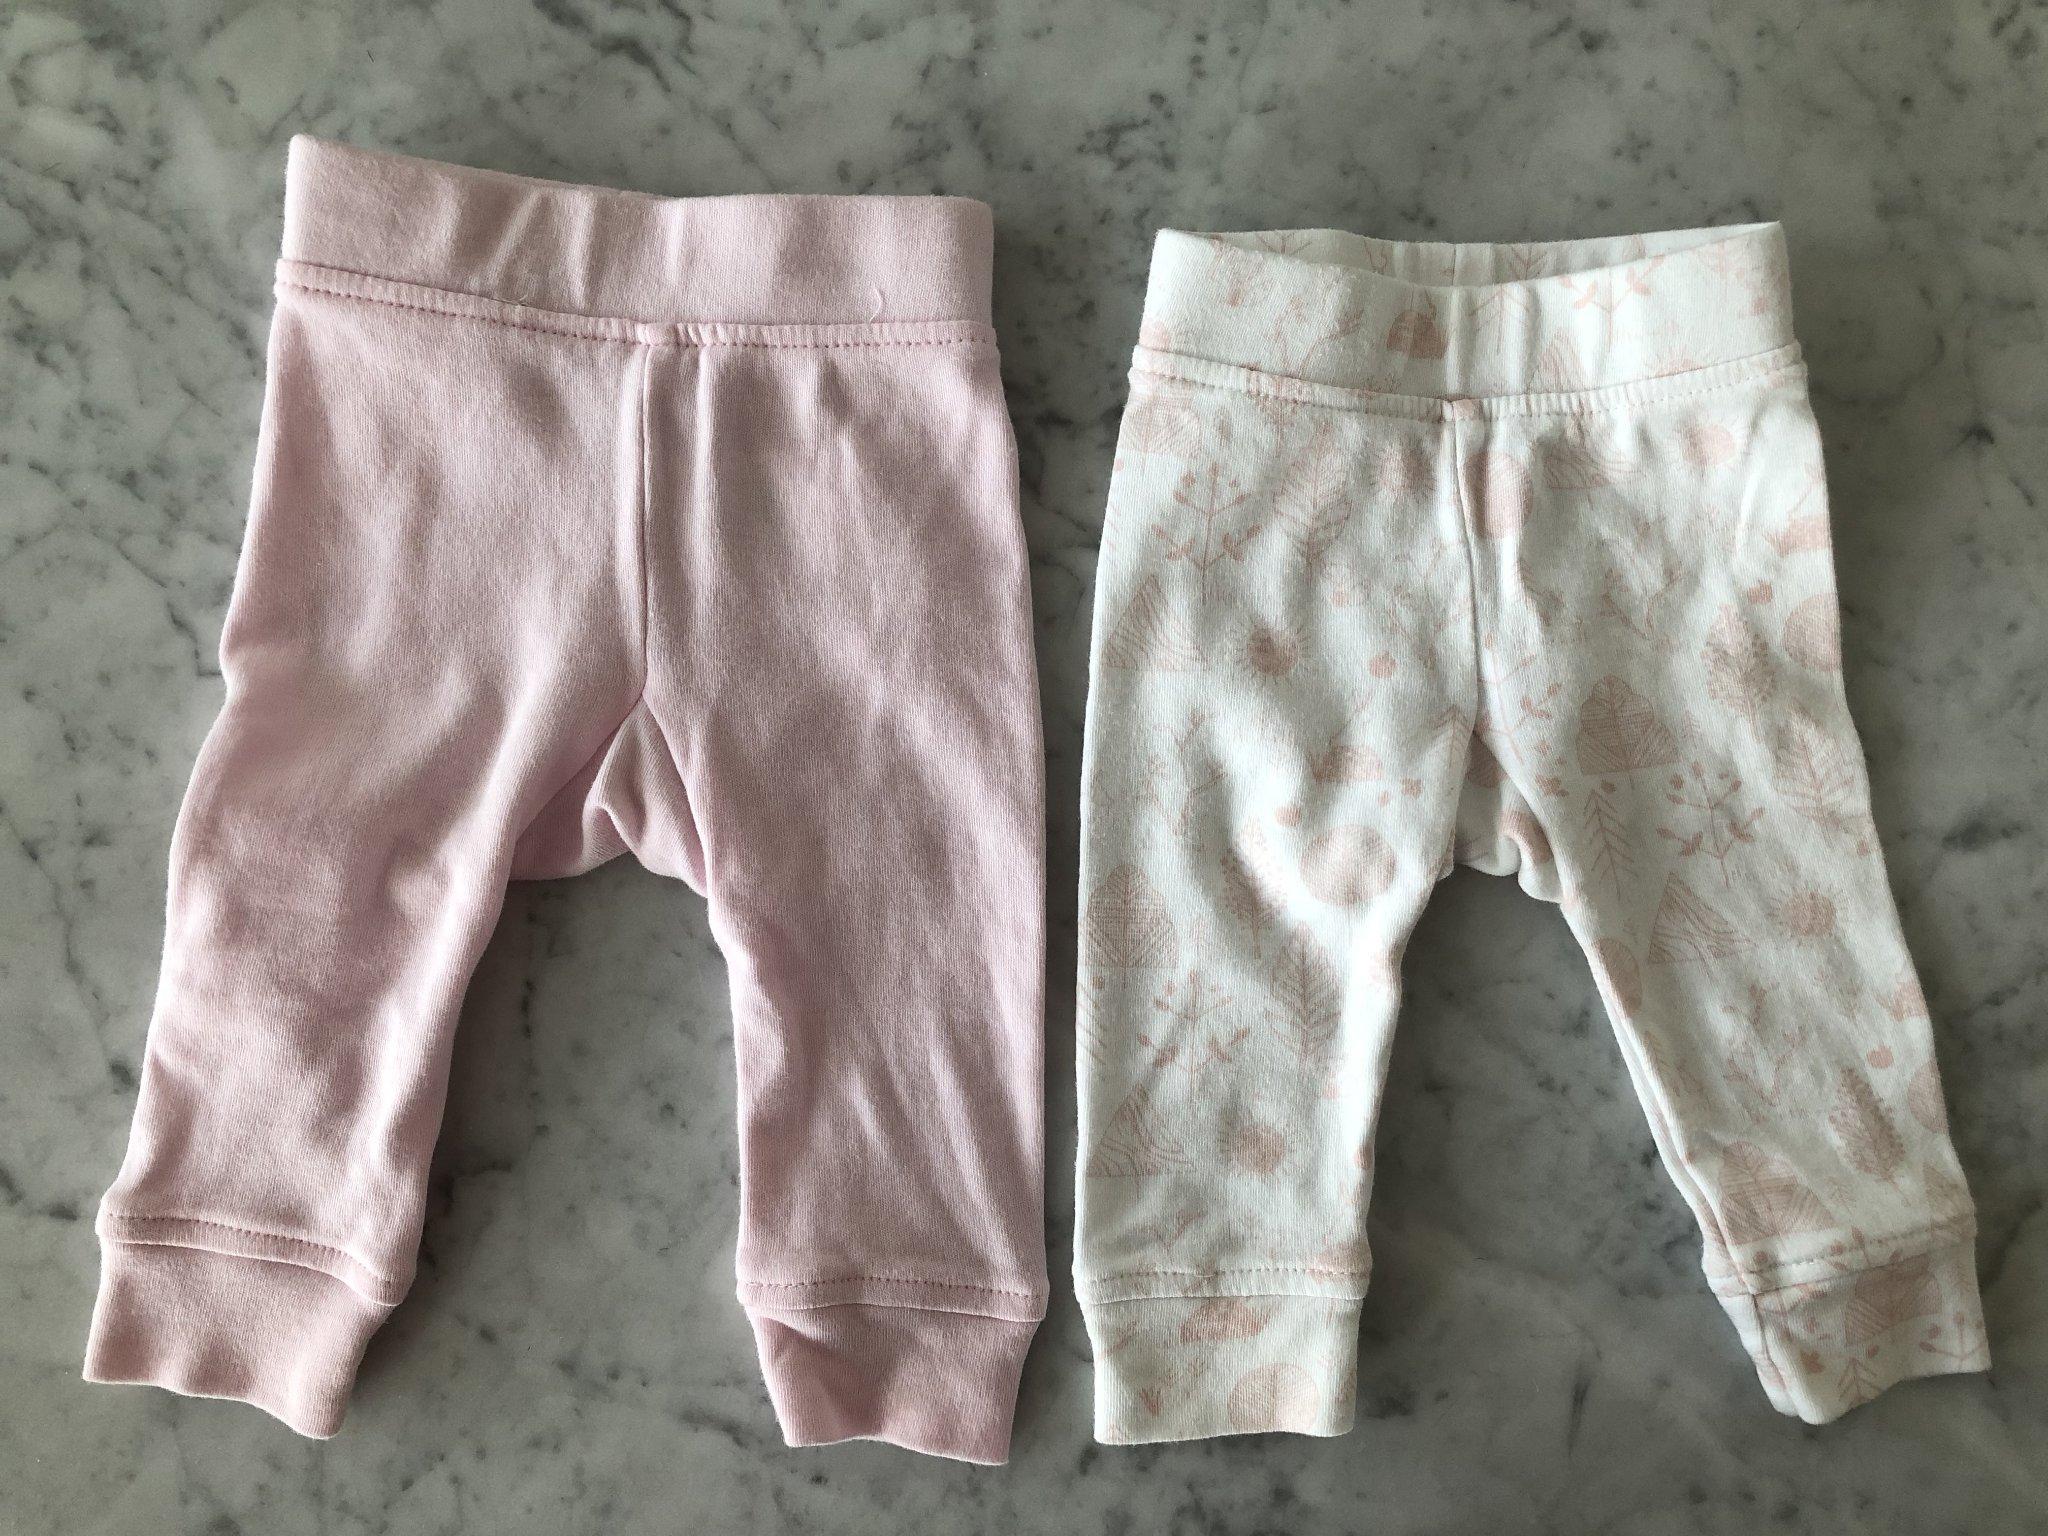 eeccb445f81c 2 st byxor storlek 56 fint skick! barnkläder (346716414) ᐈ Köp på ...